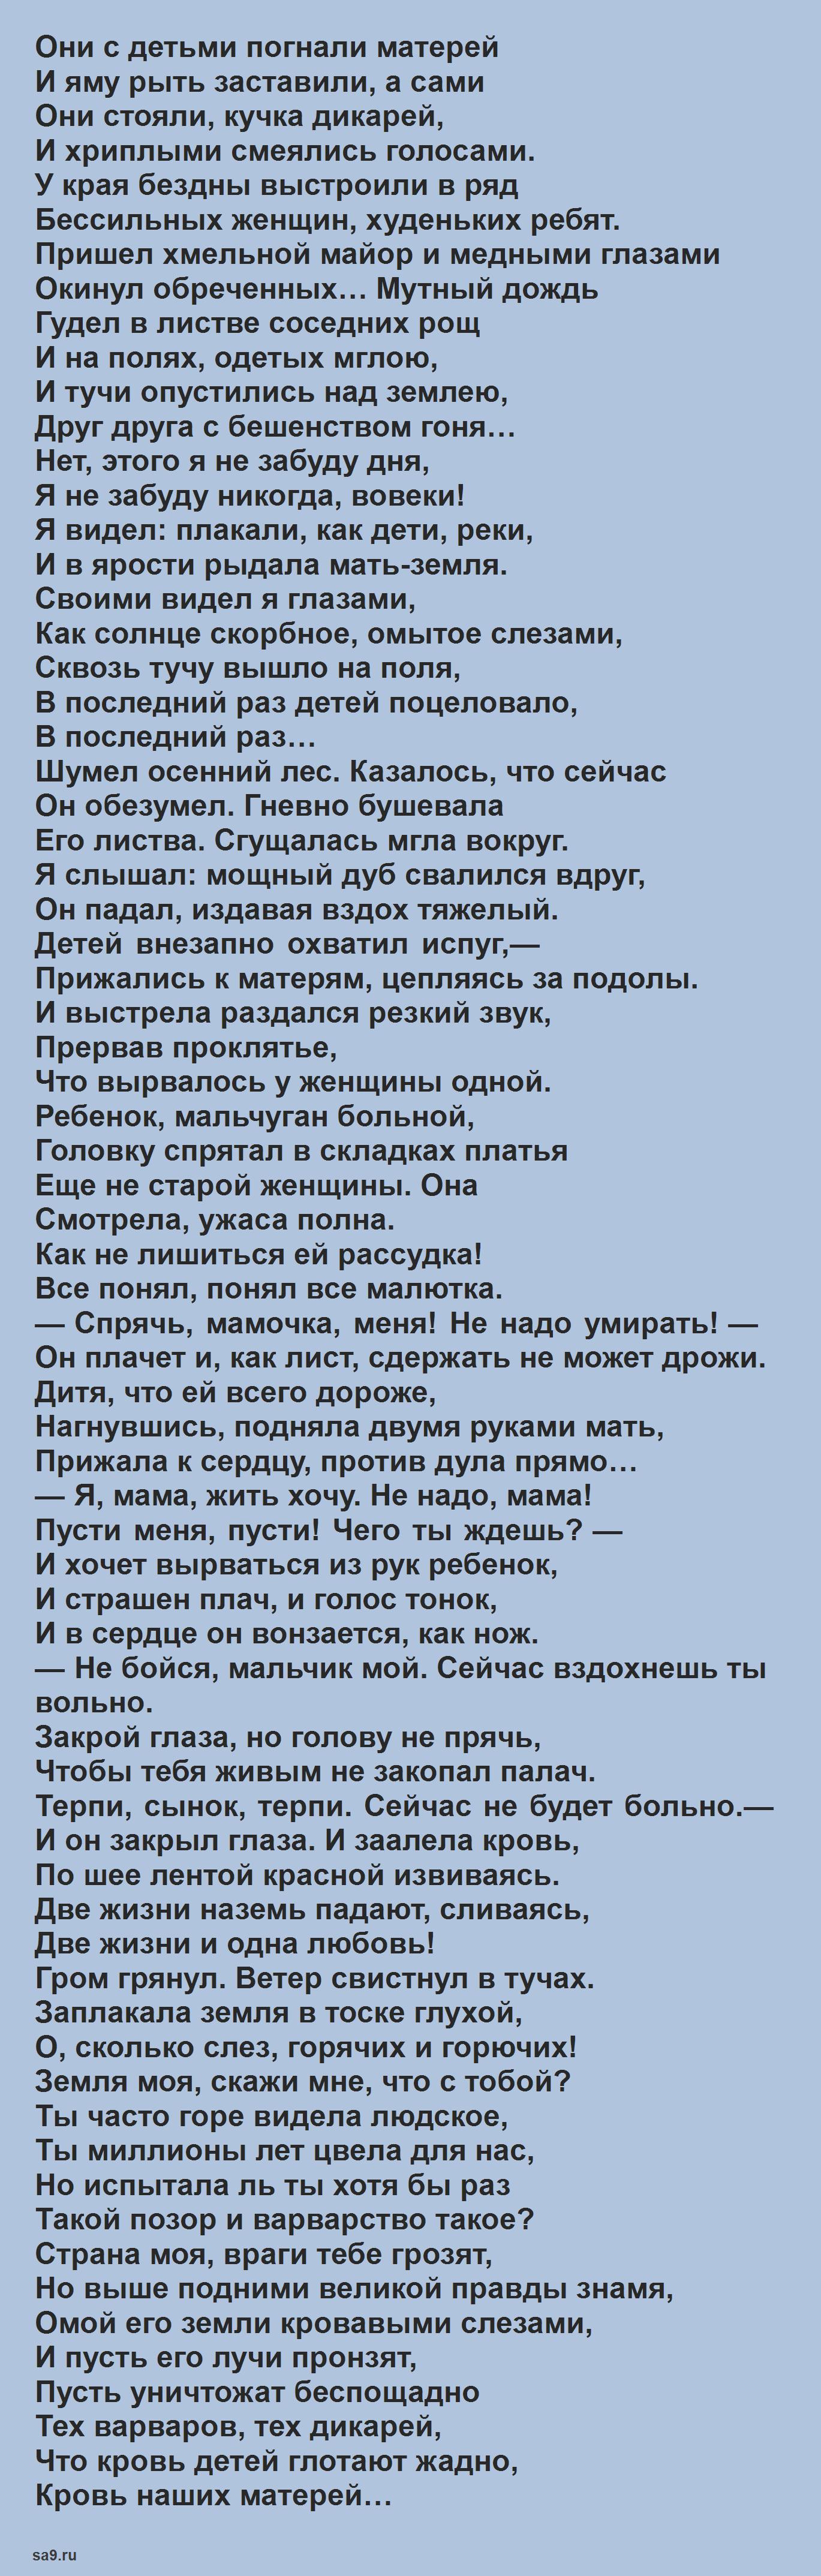 Стих Варварство Муса Джалиль